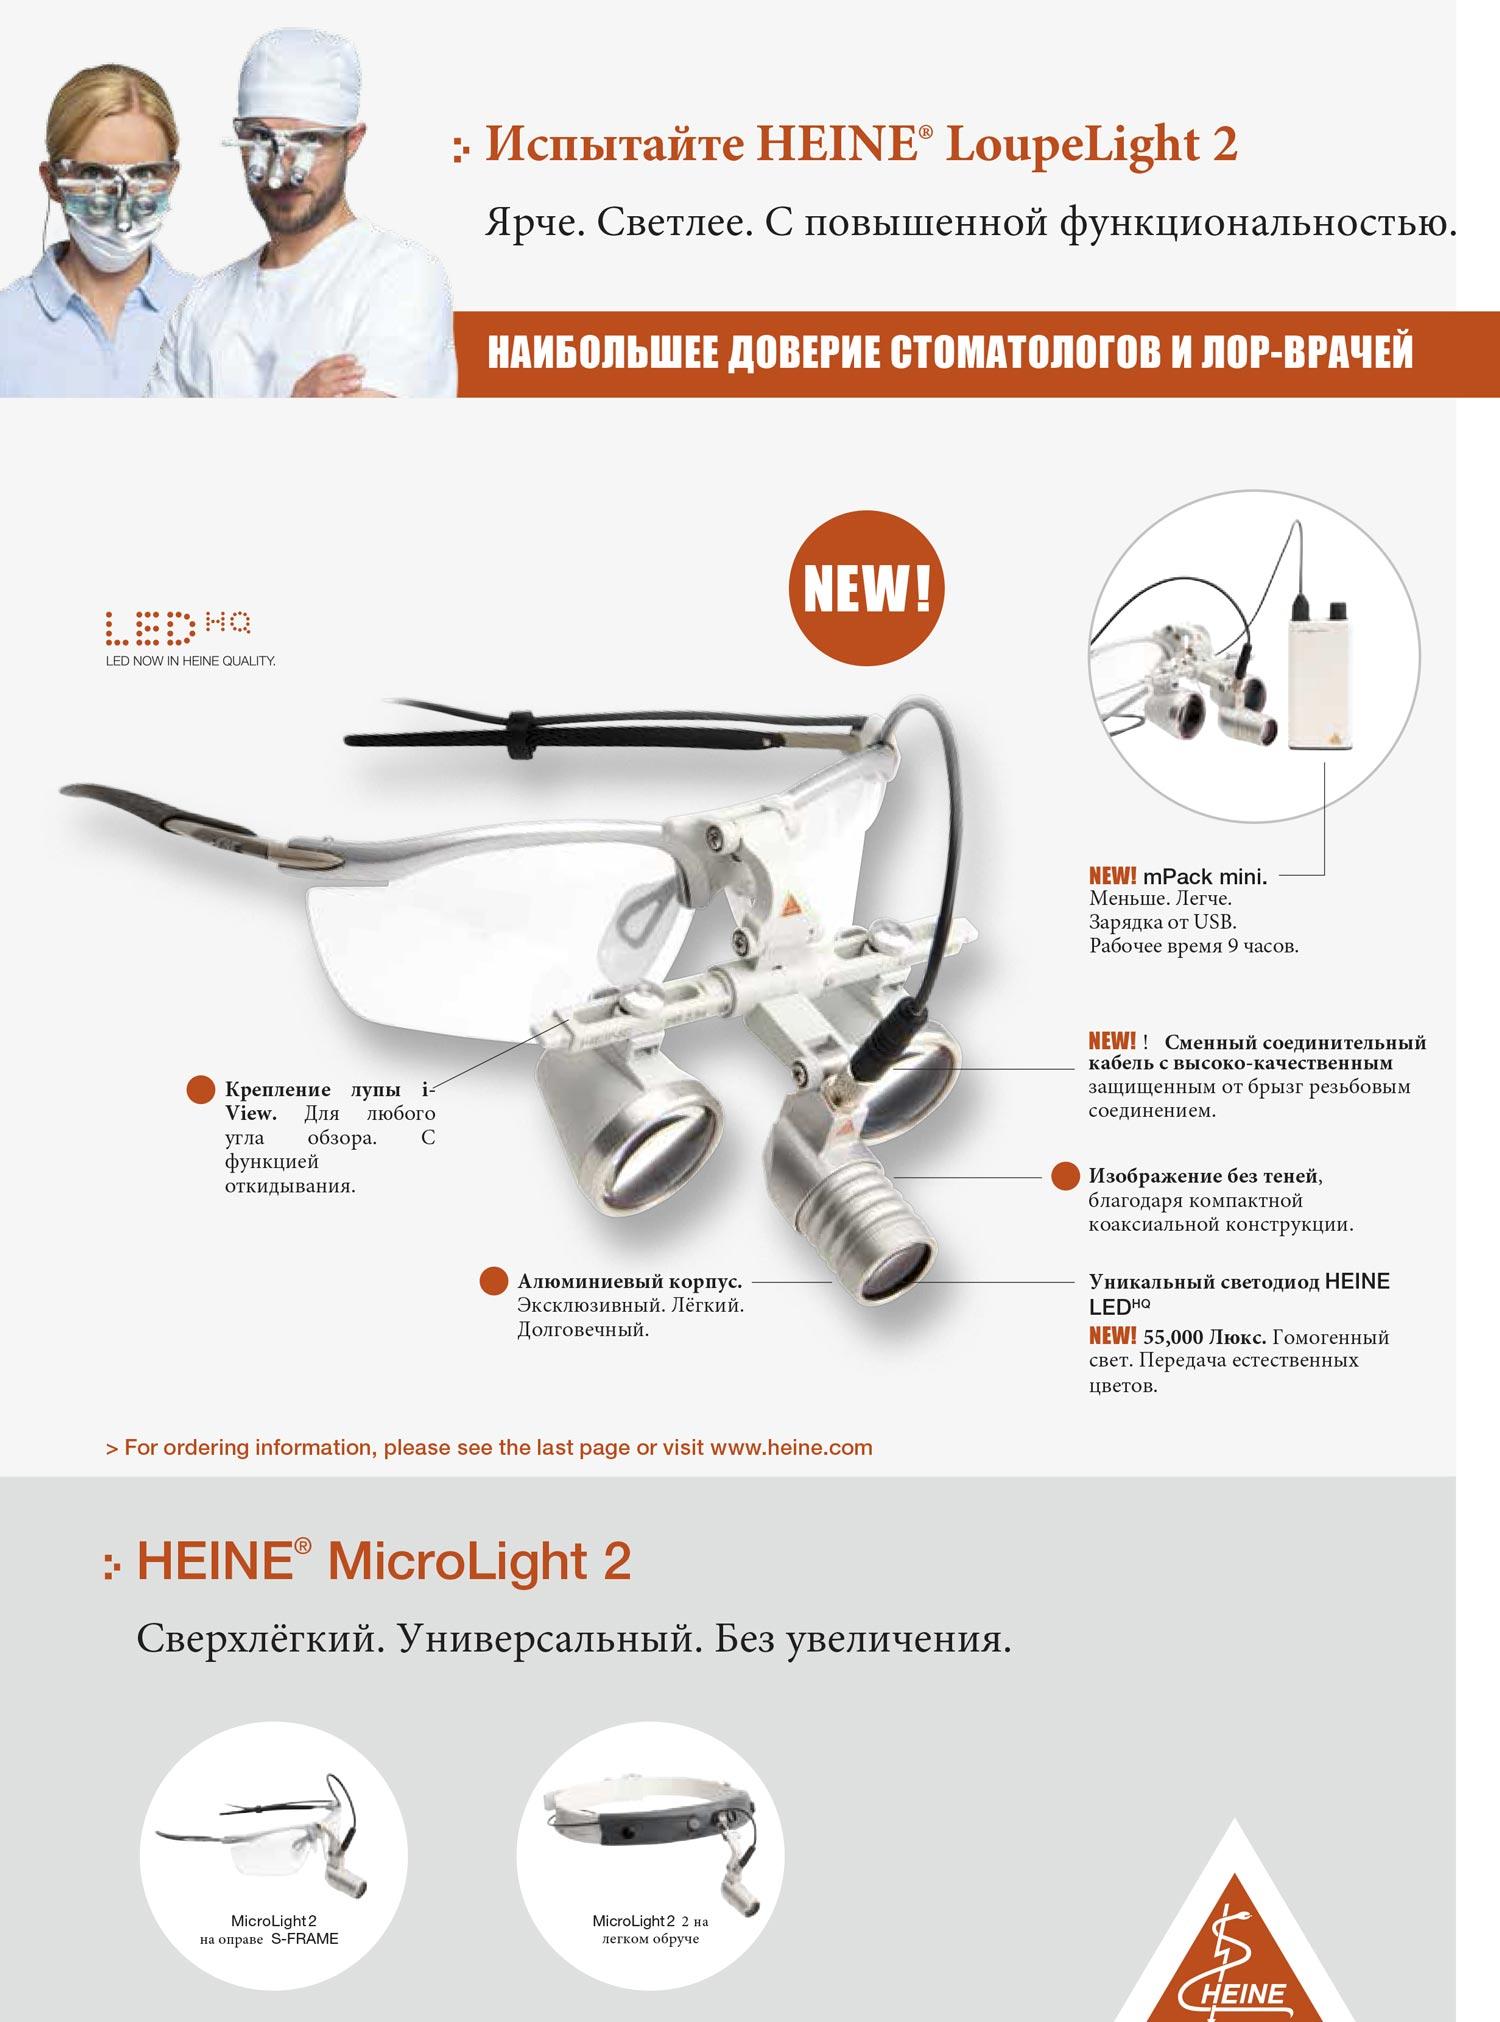 Бинокулярная оптика - фото HEINE LED LoupeLight 2 - компактная светодиодная модель лампы – теперь еще ярче!